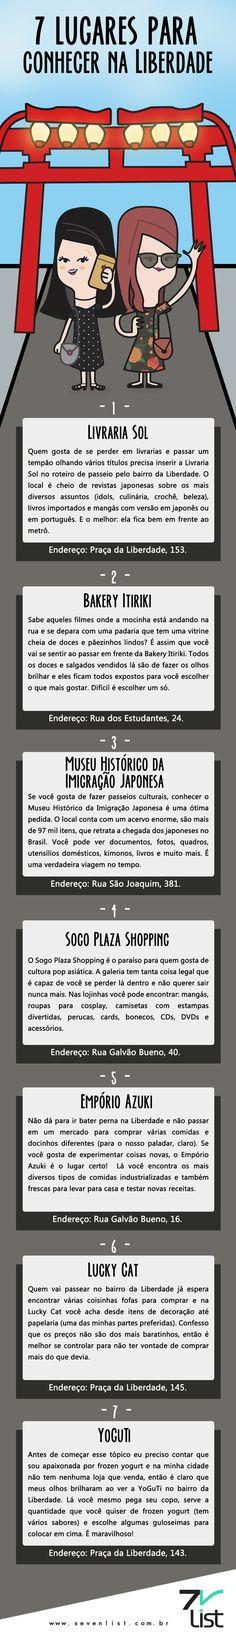 Hoje o post vem com dicas para quem quer passear por São Paulo. Confira 7 lugares para conhecer na Liberdade. #SevenList #SP #SãoPaulo #BairrodaLiberdade #VisitandoSãoPaulo #Turistando #Variedades #Passeios